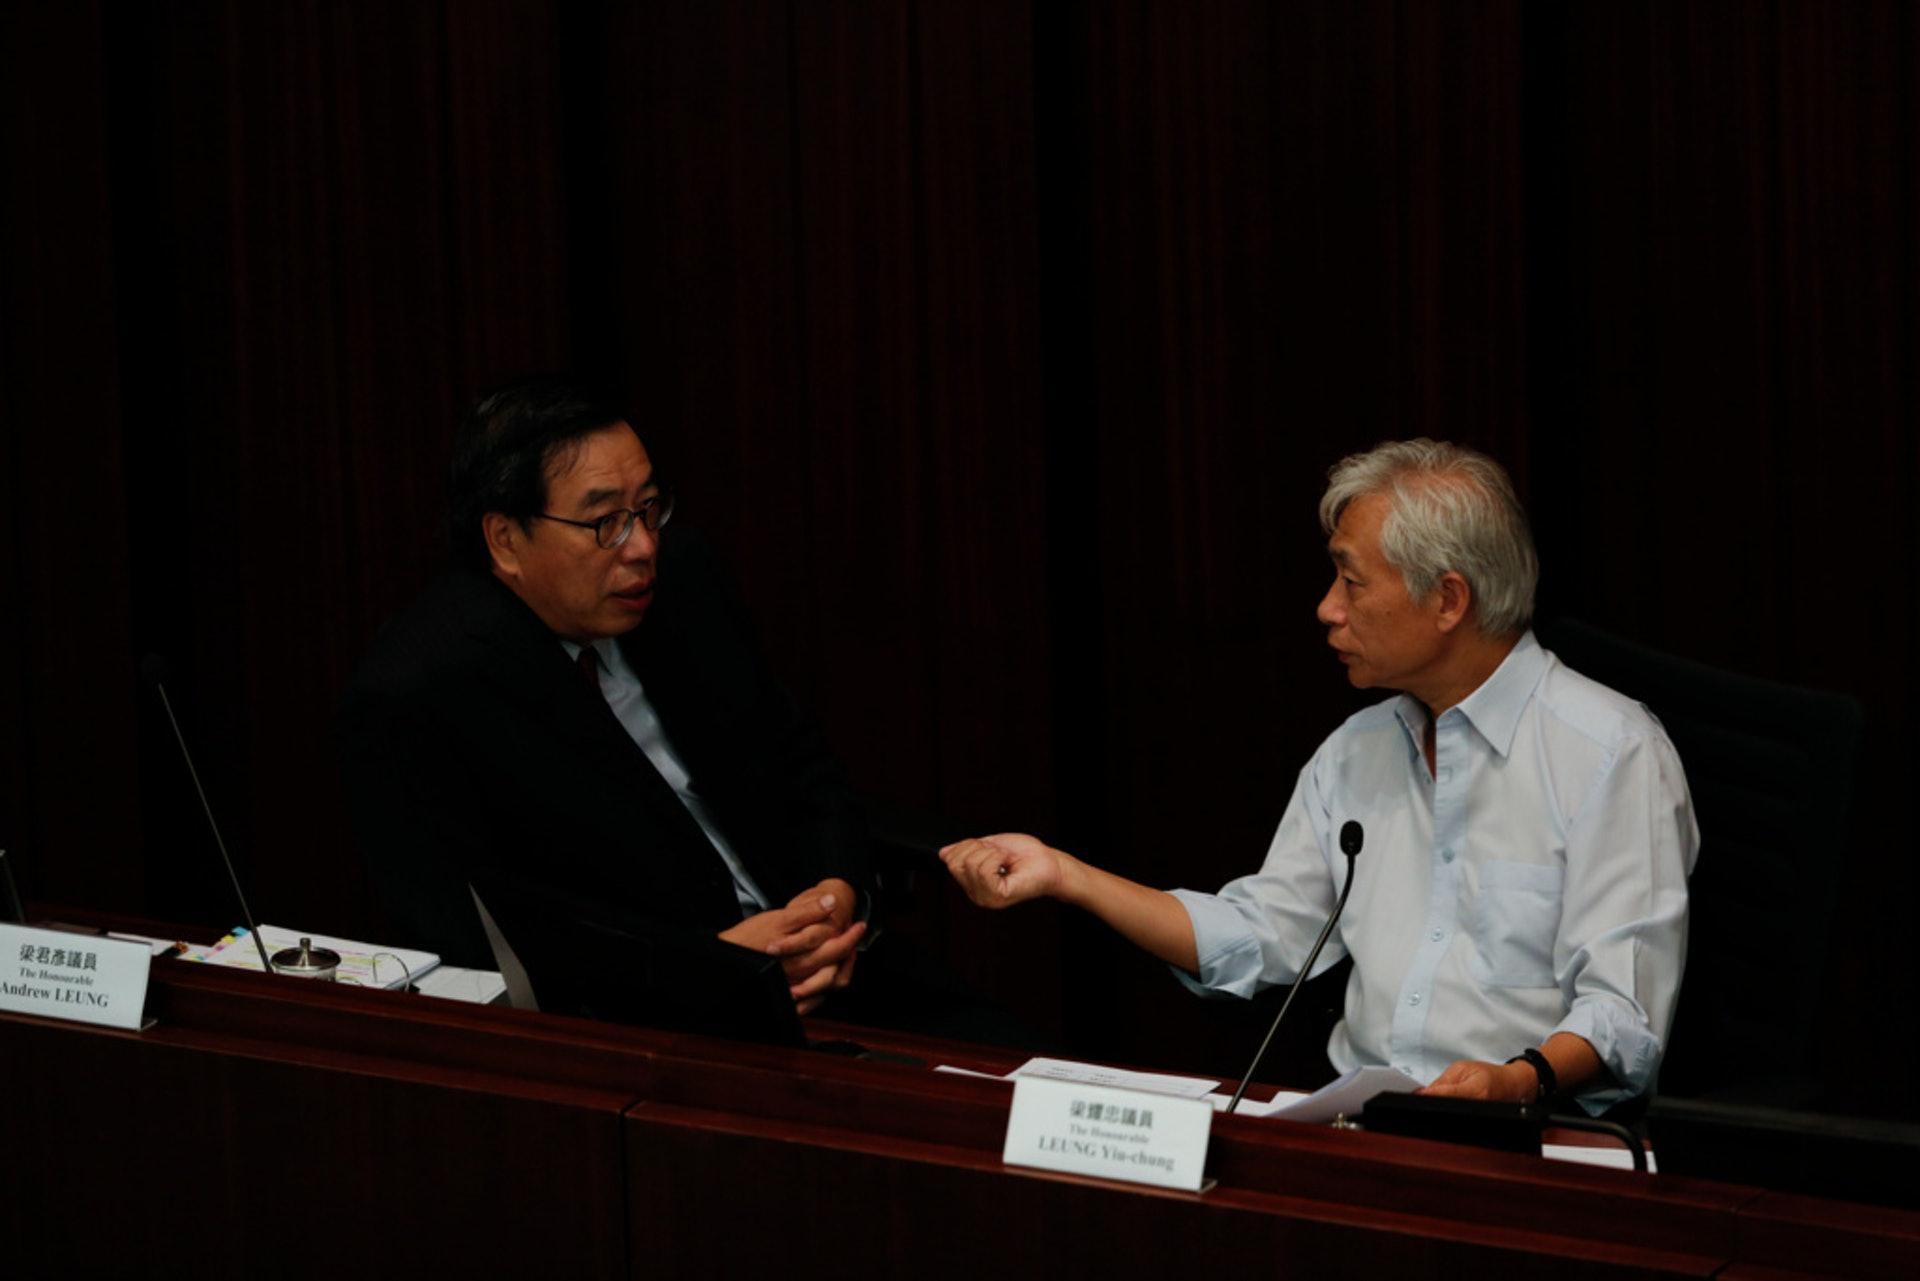 前年本屆立法會開鑼時,梁耀忠曾因放棄主持改選主席,被評擊為「逃兵」。(羅君豪攝)